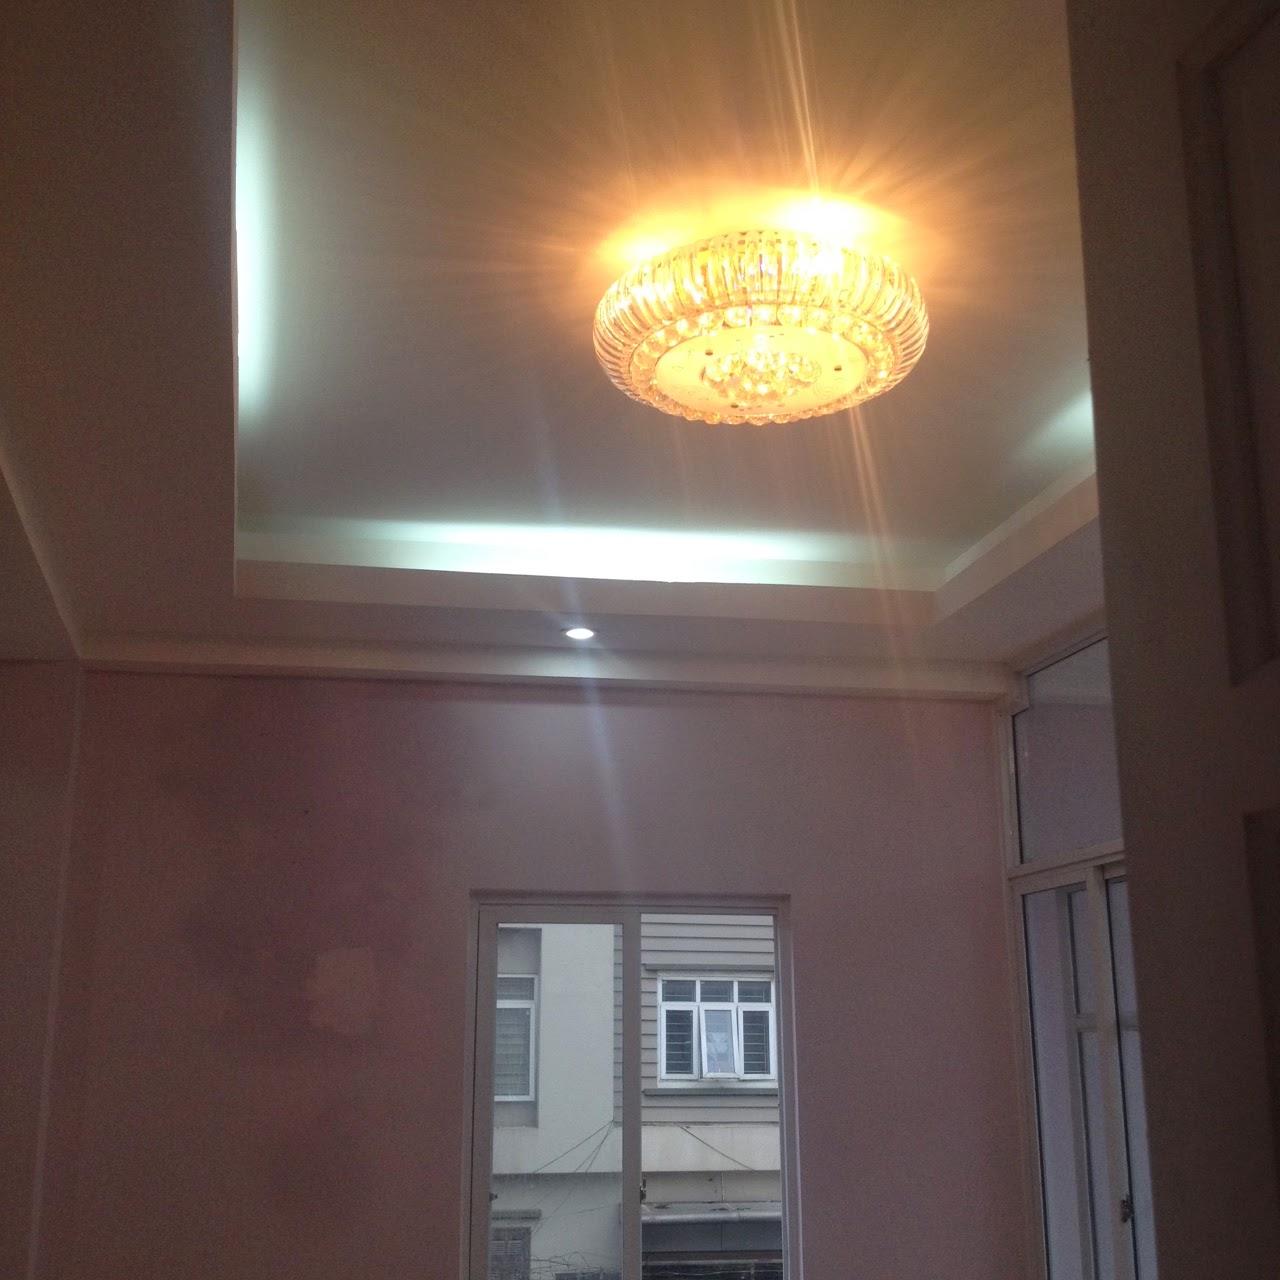 Hệ thống đèn trang trí trong căn hộ chung cư Hồ Ba Mẫu